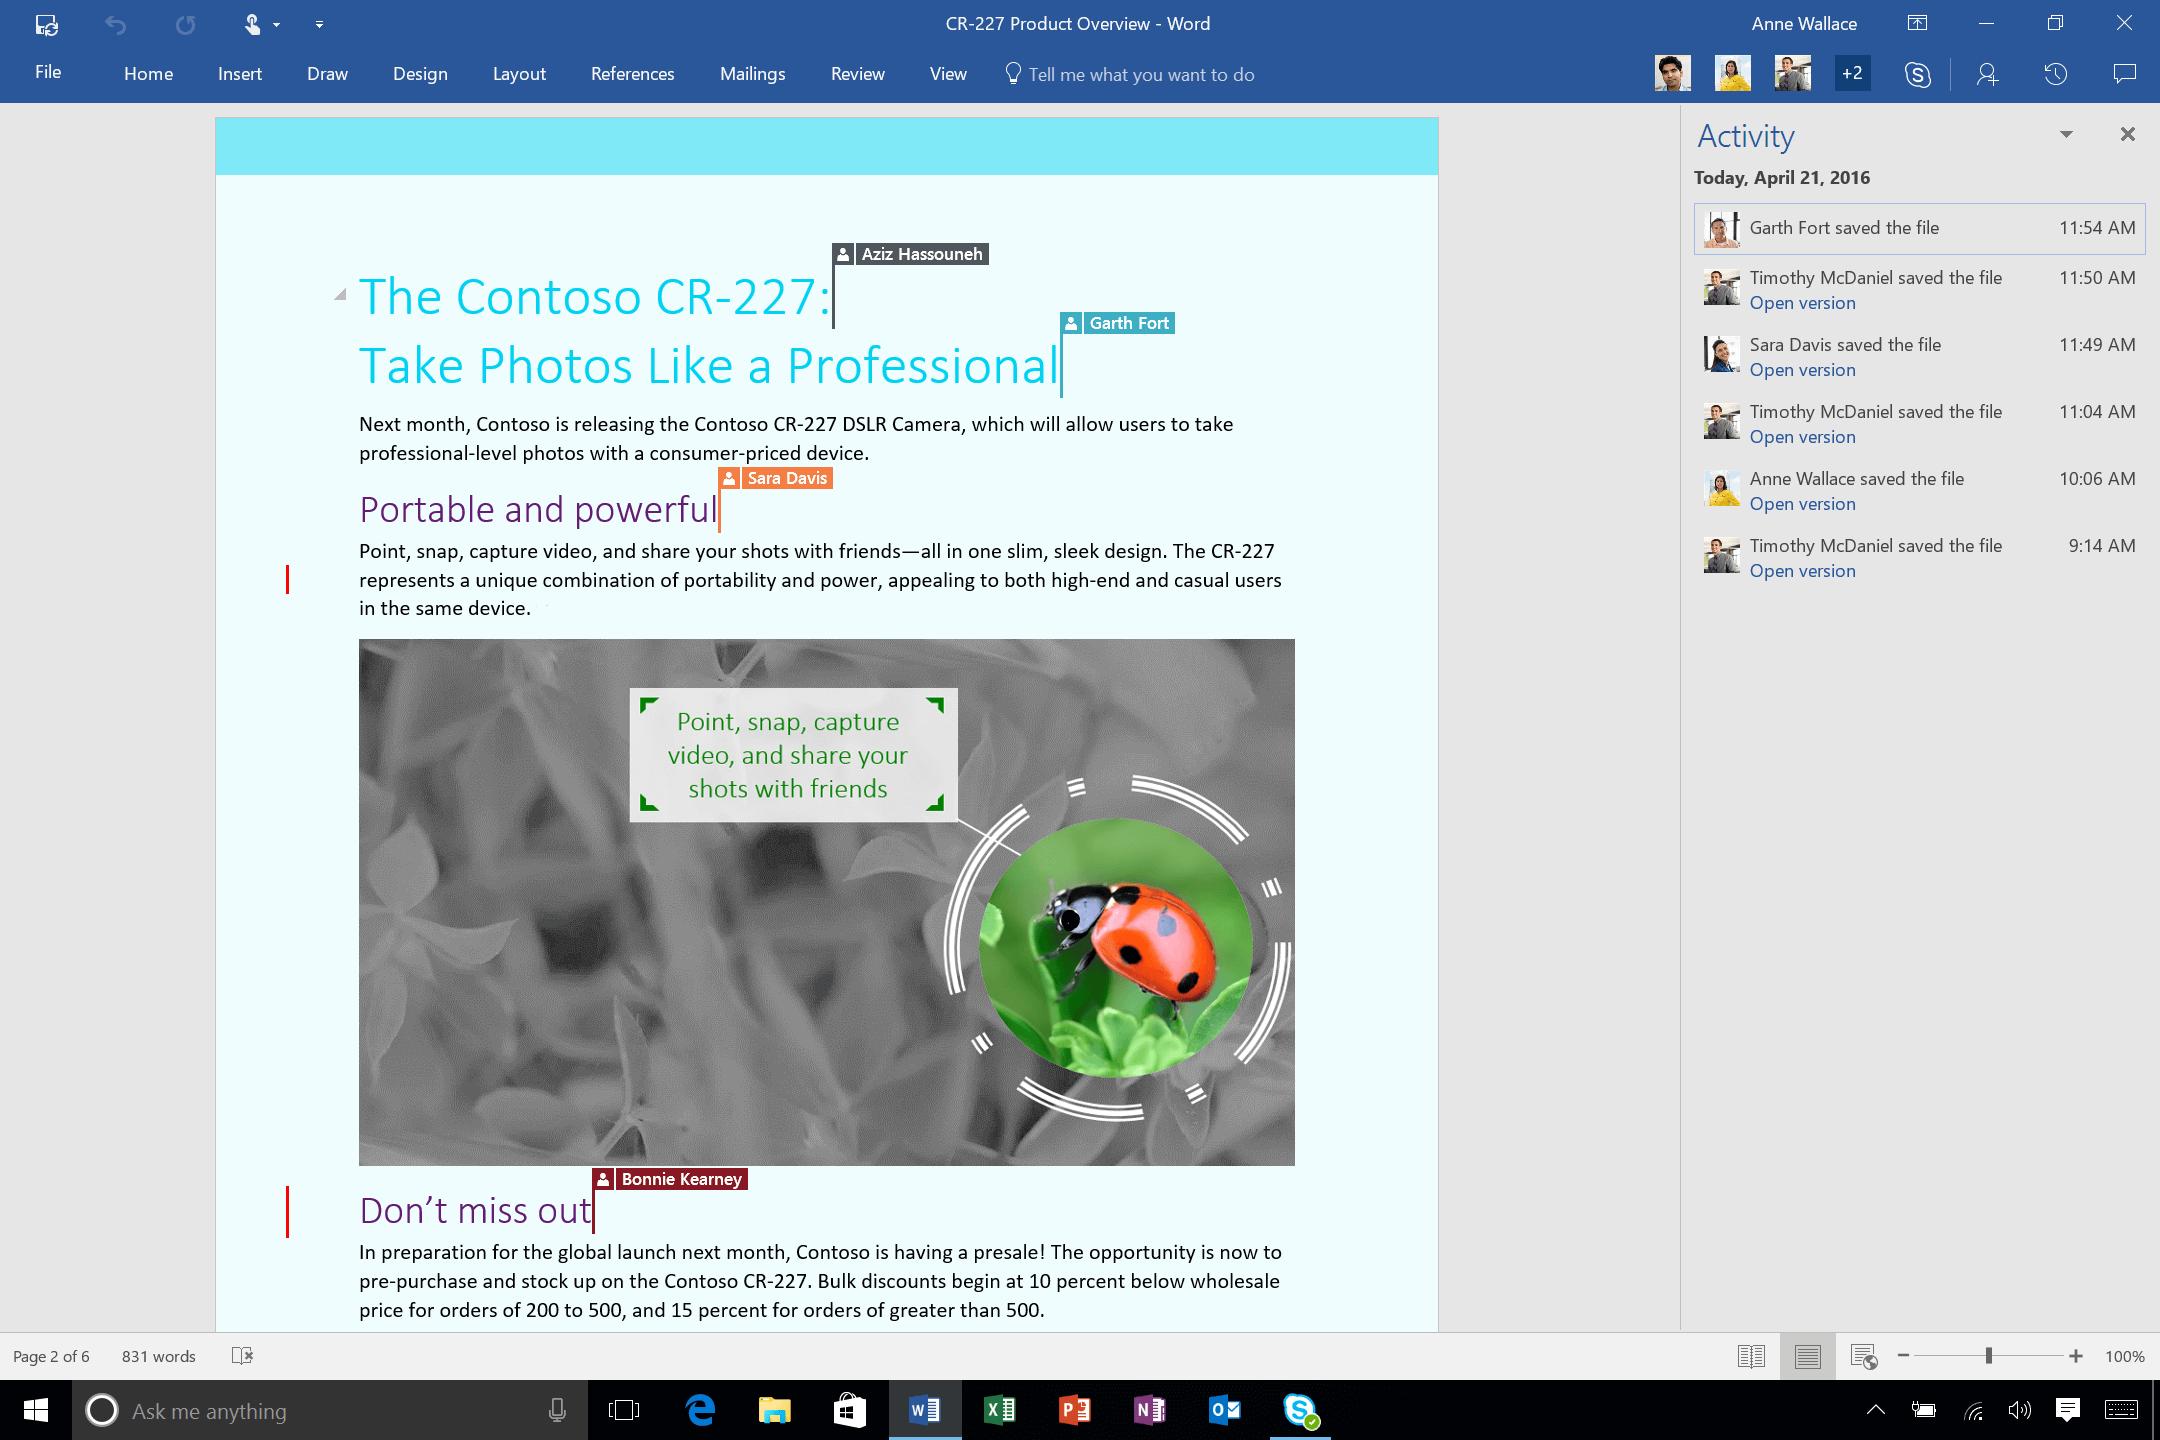 Klik butang aktiviti ke bahagian atas kanan atas skrin untuk mendapatkan tetingkap aktiviti, tempat anda boleh melihat atau membuka versi terdahulu dokumen.